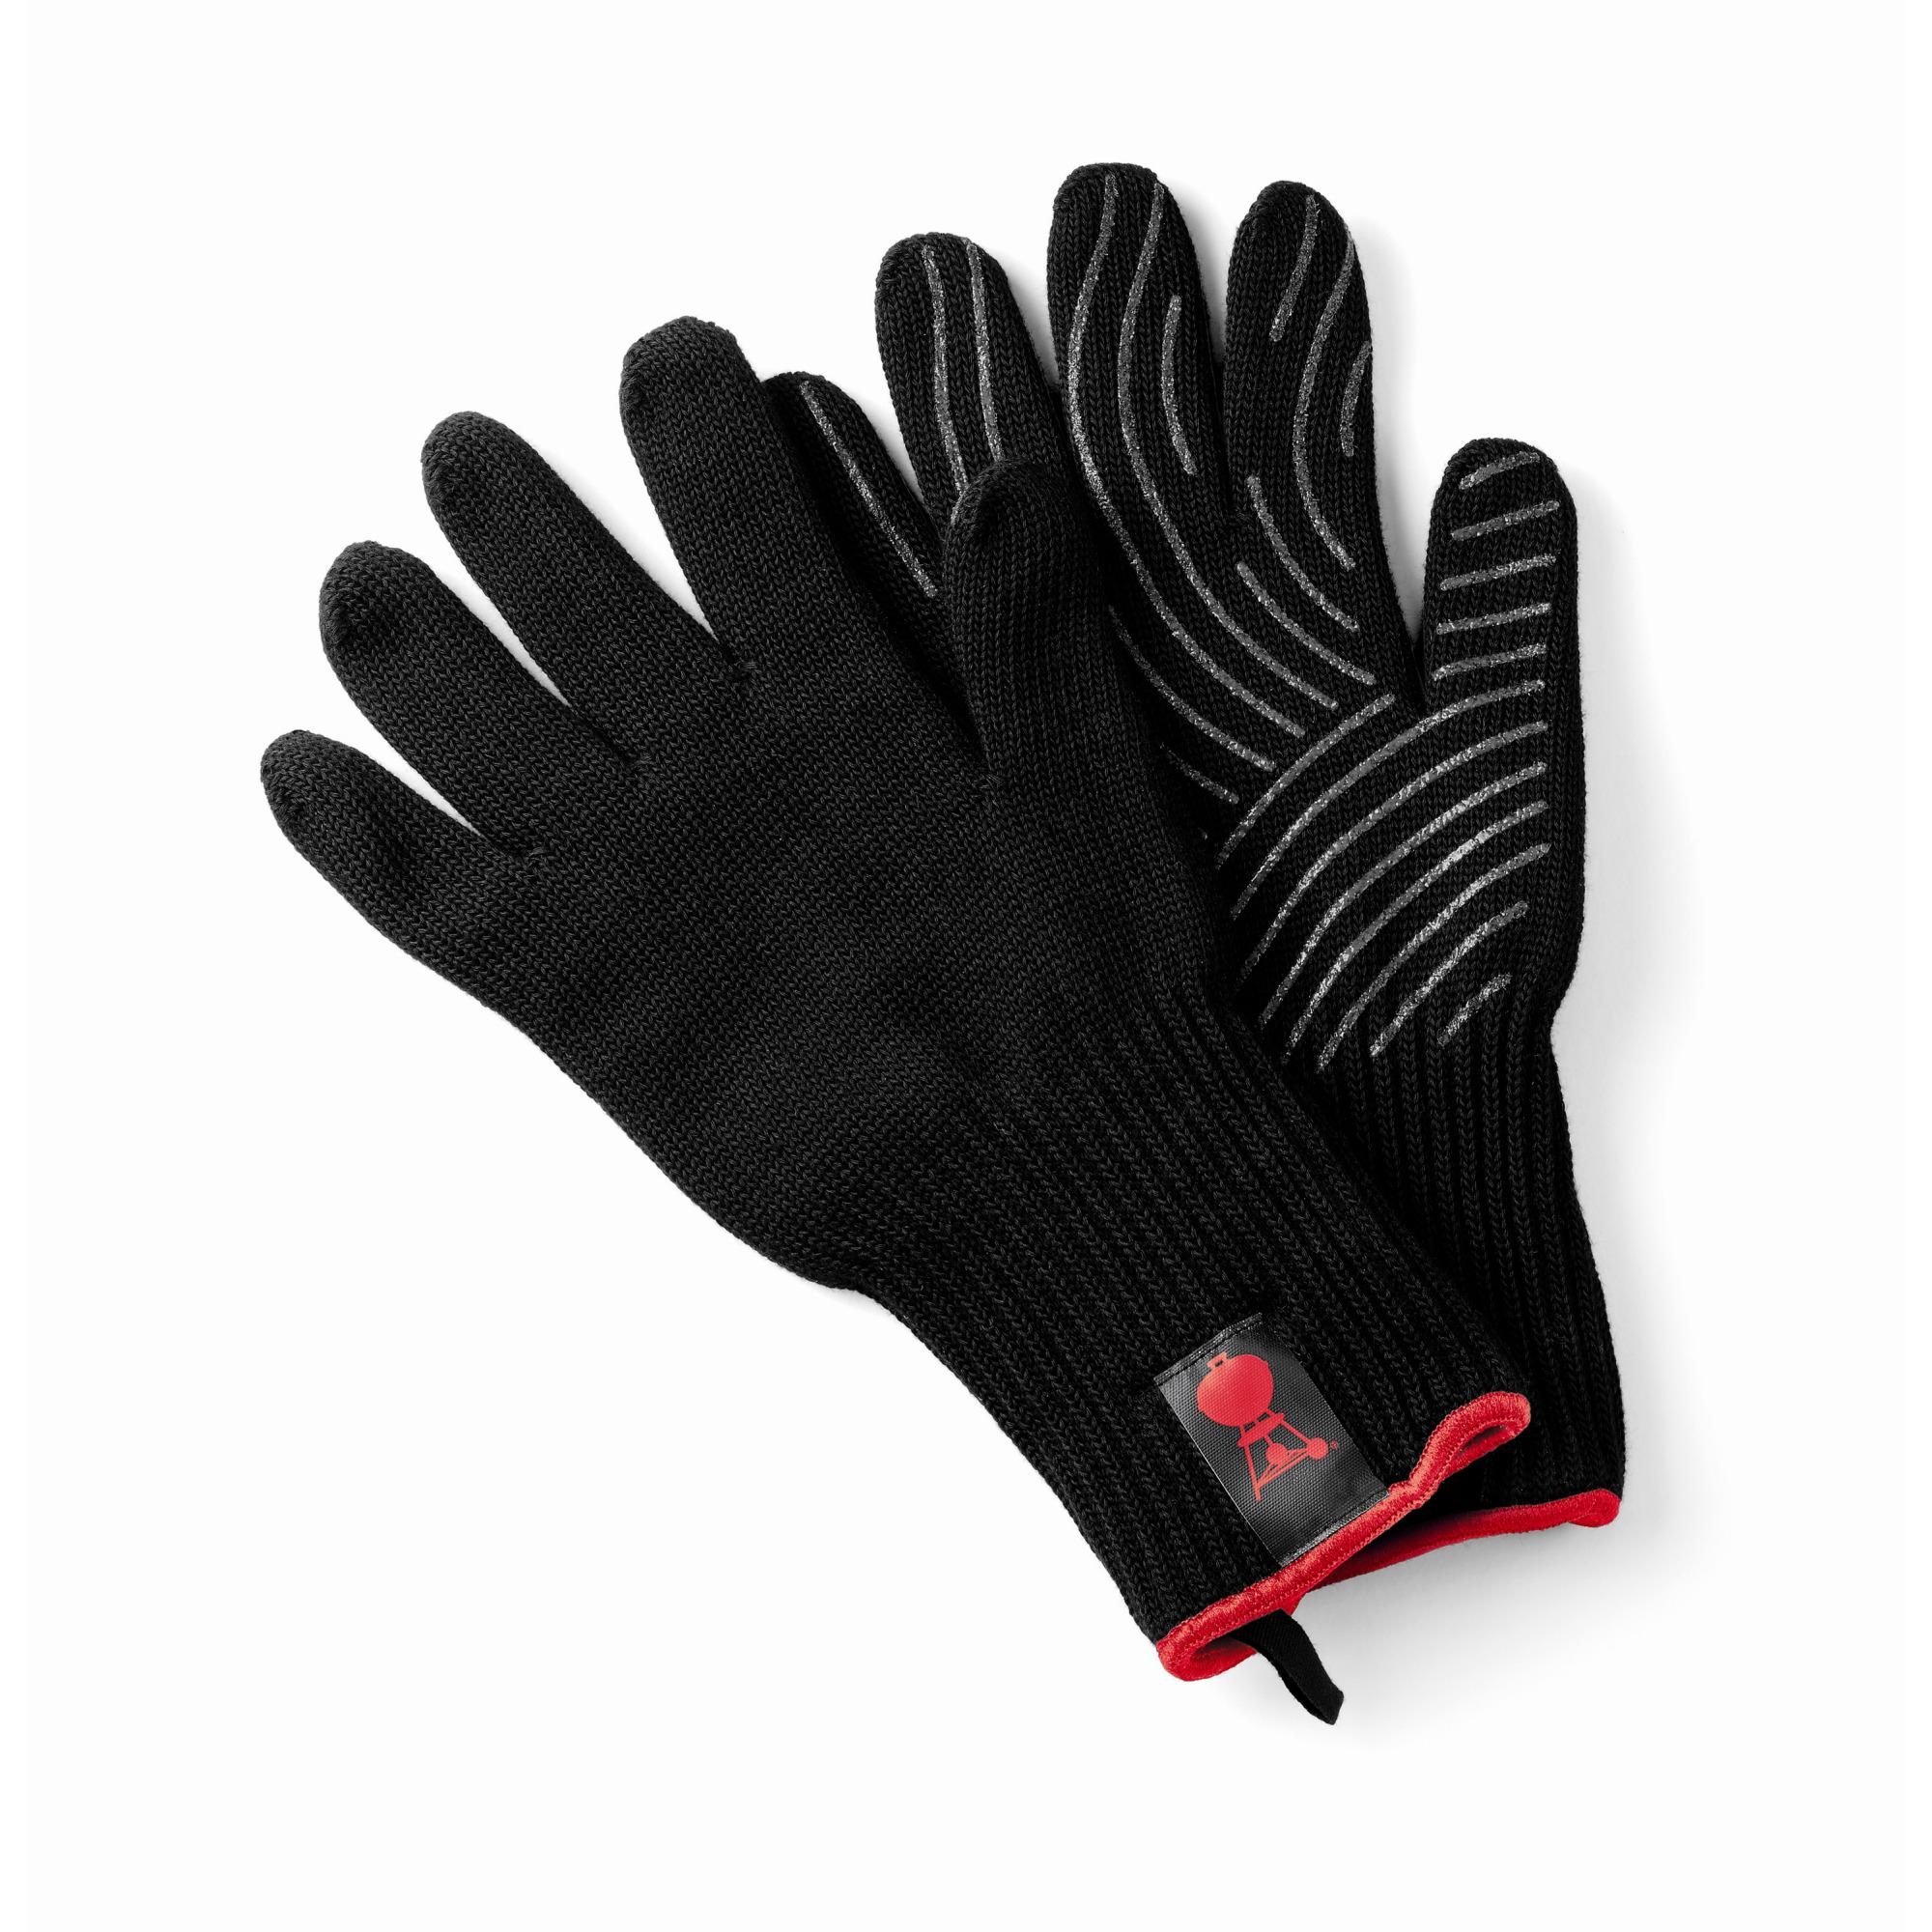 Weber handschoenen kevlar (S/M)